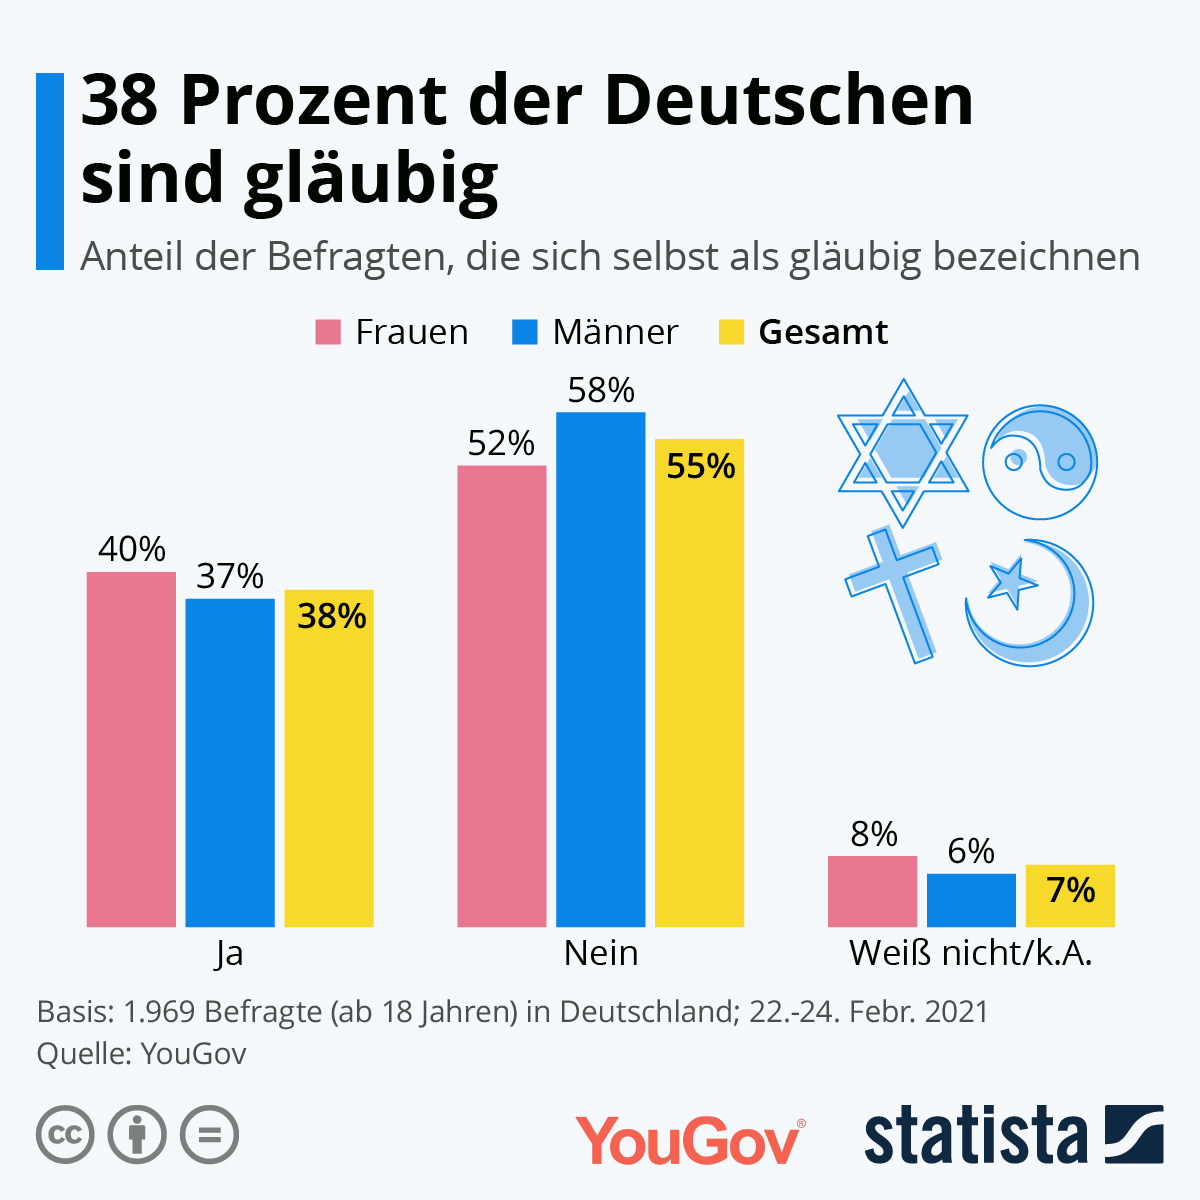 38 Prozent der Deutschen bezeichnen sich als gläubig.